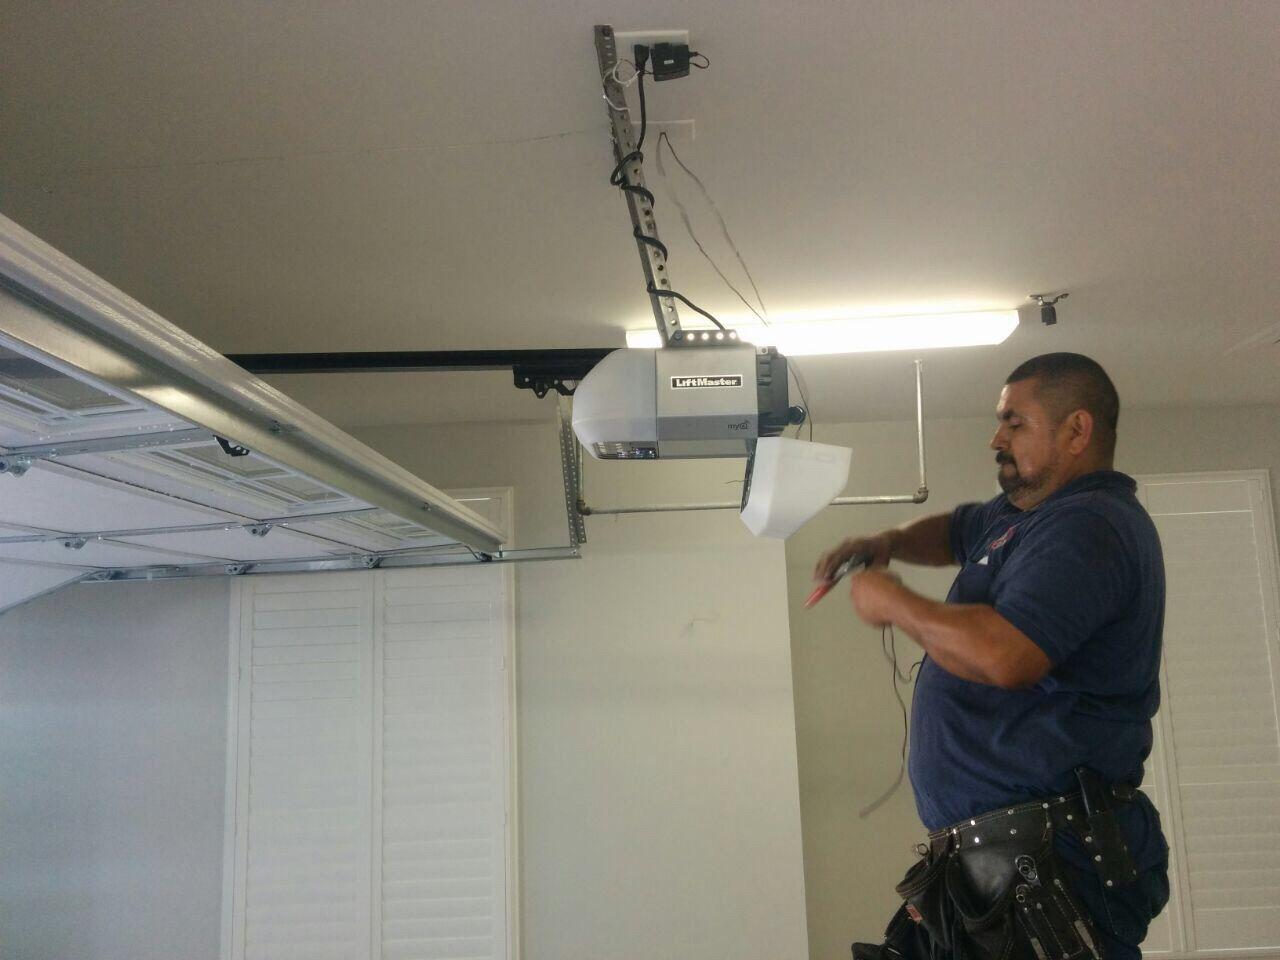 What Garage Door Opener Should I Buy Overhead Garage Door Best Garage Door Opener Garage Door Opener Repair Garage Service Door